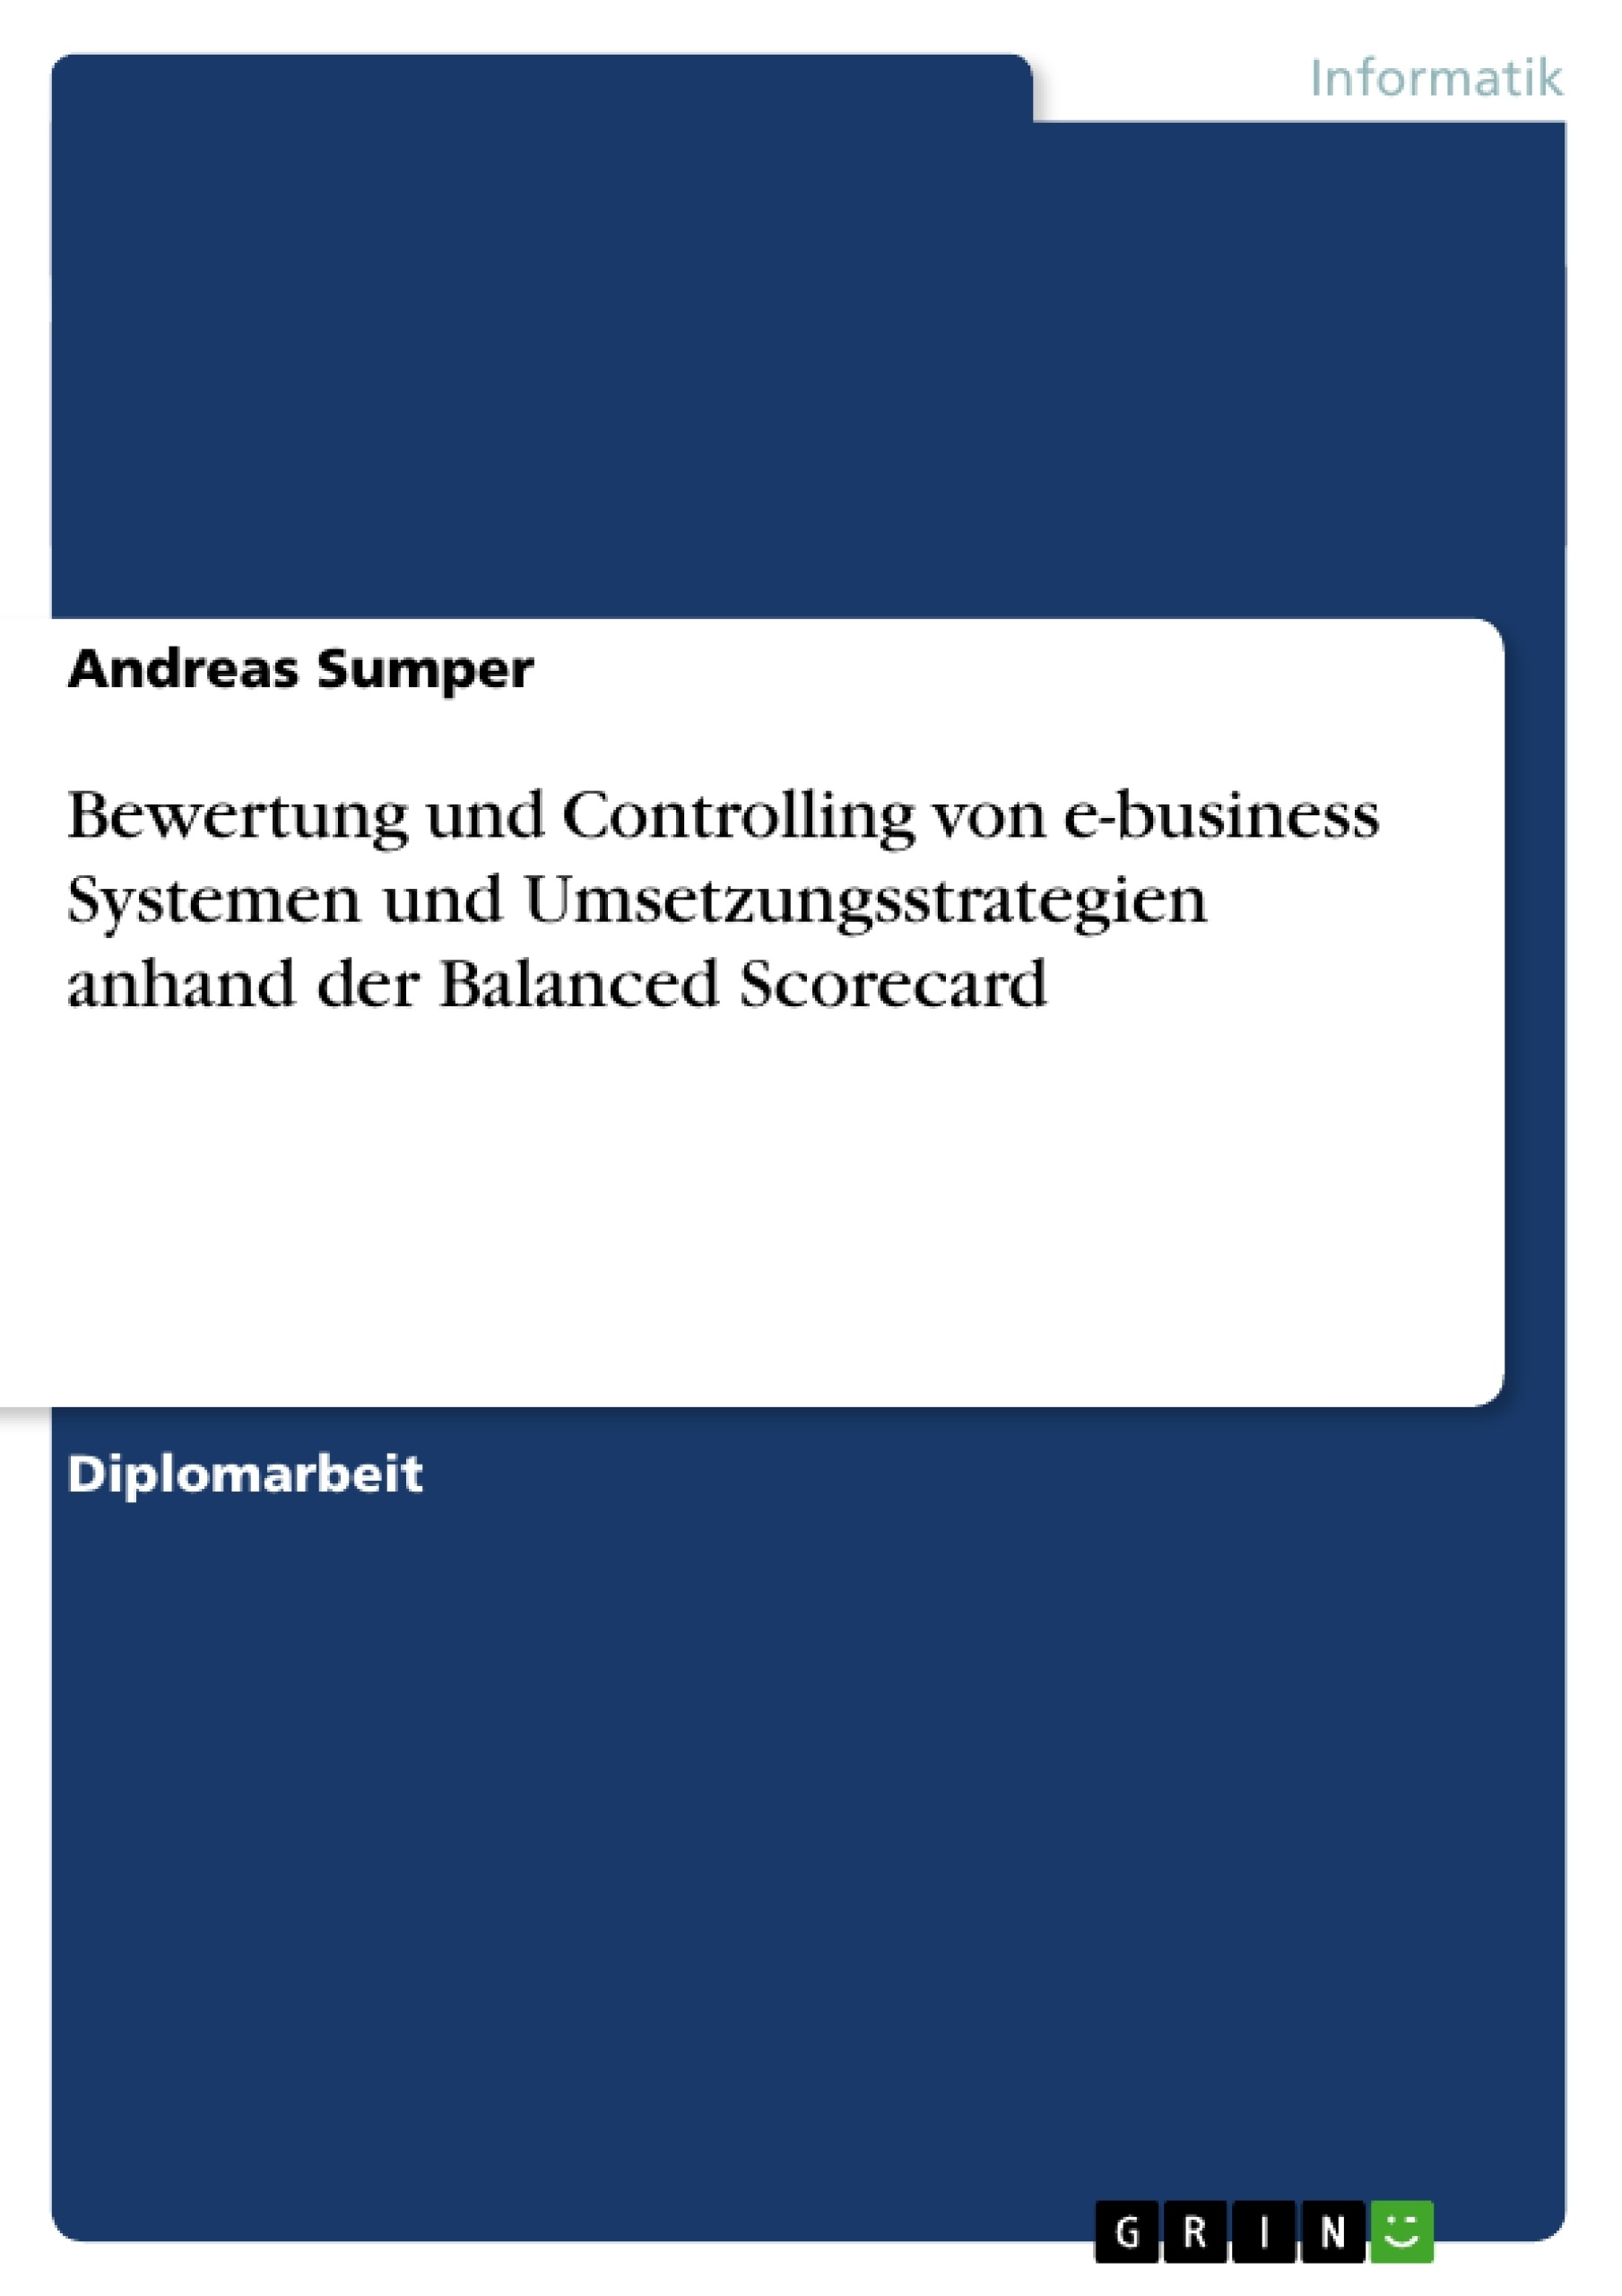 Titel: Bewertung und Controlling von e-business Systemen und Umsetzungsstrategien anhand der Balanced Scorecard